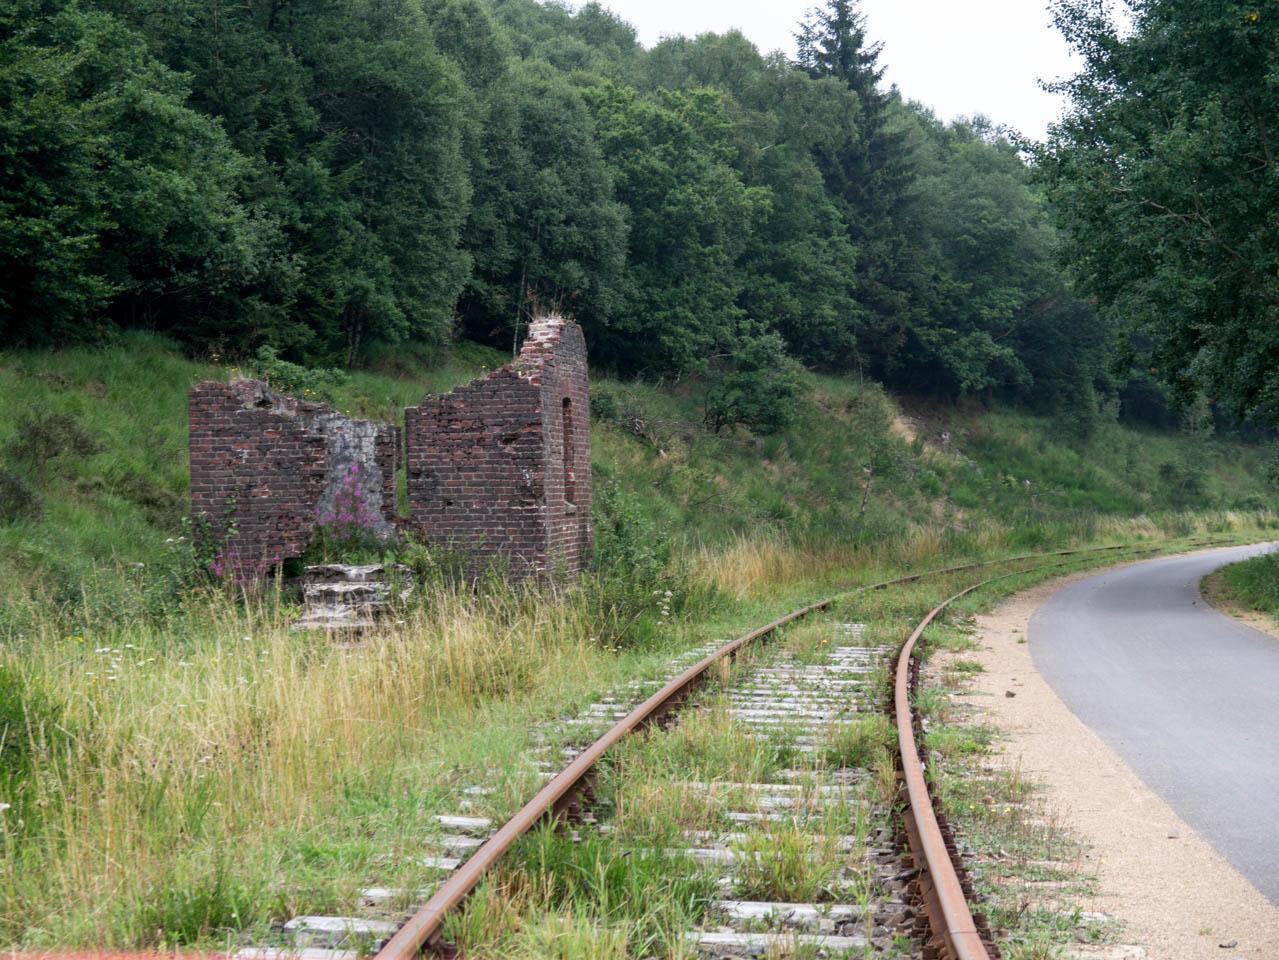 Ruine am Wegesrand (1 von 1)